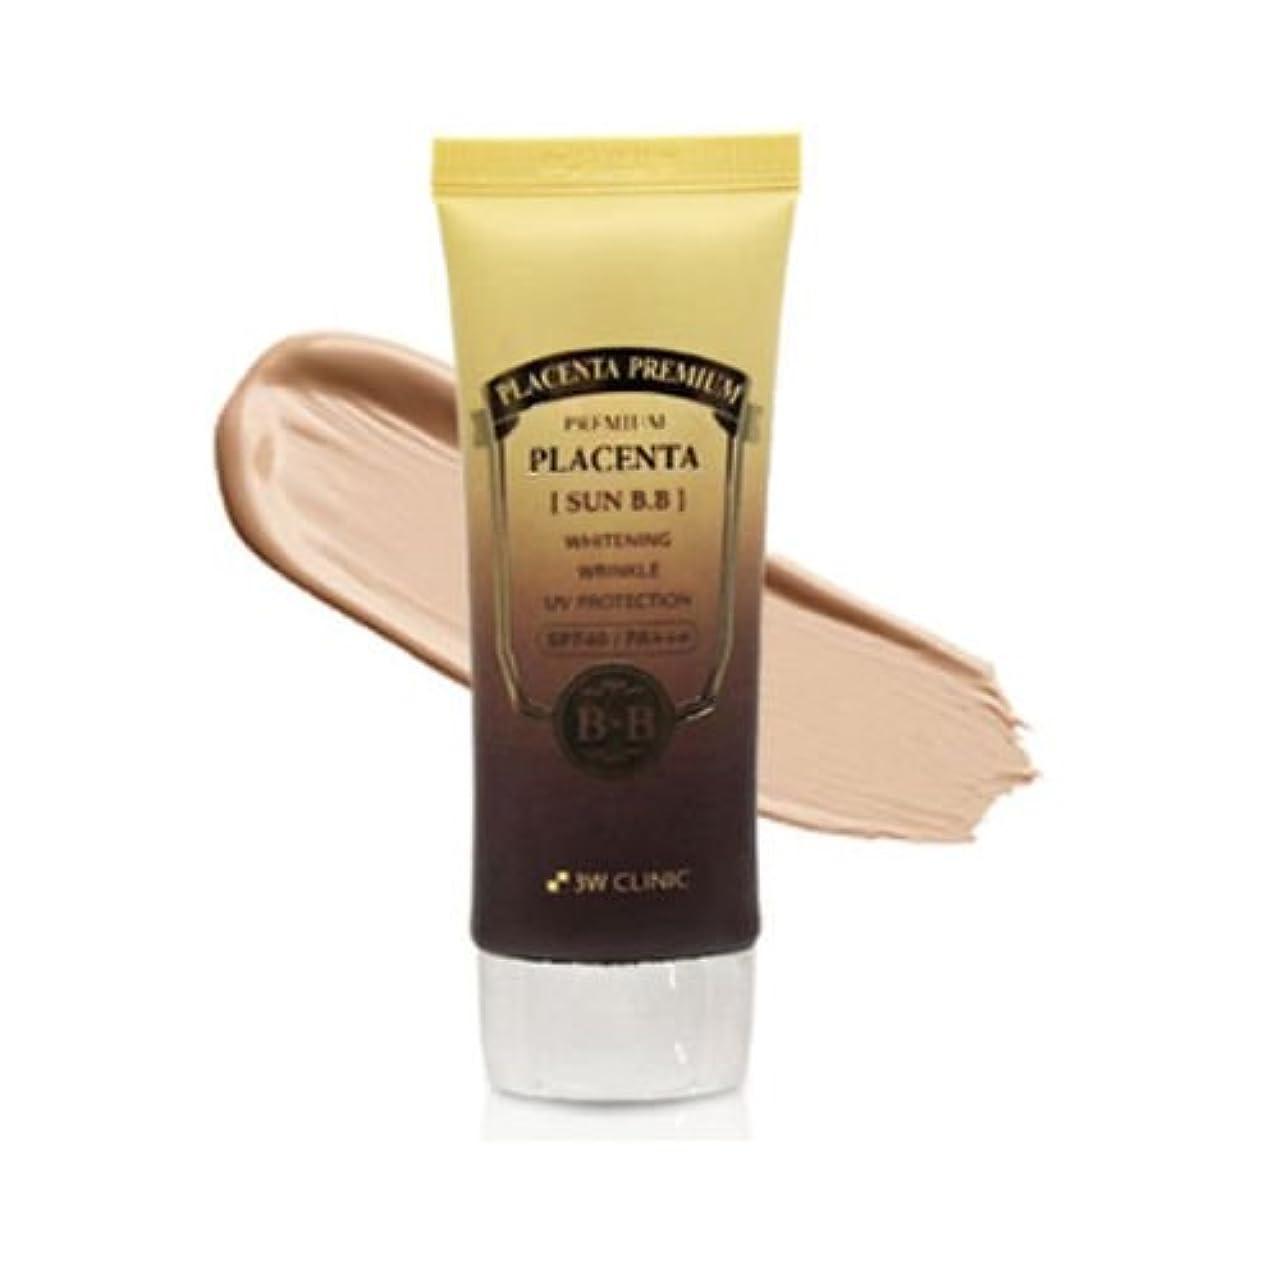 症候群分ペア3Wクリニック[韓国コスメ3w Clinic]Premium Placenta Sun BB Cream プレミアムプラセンタサンBBクリーム70ml SPF40 PA+++ UV しわ管理[並行輸入品]